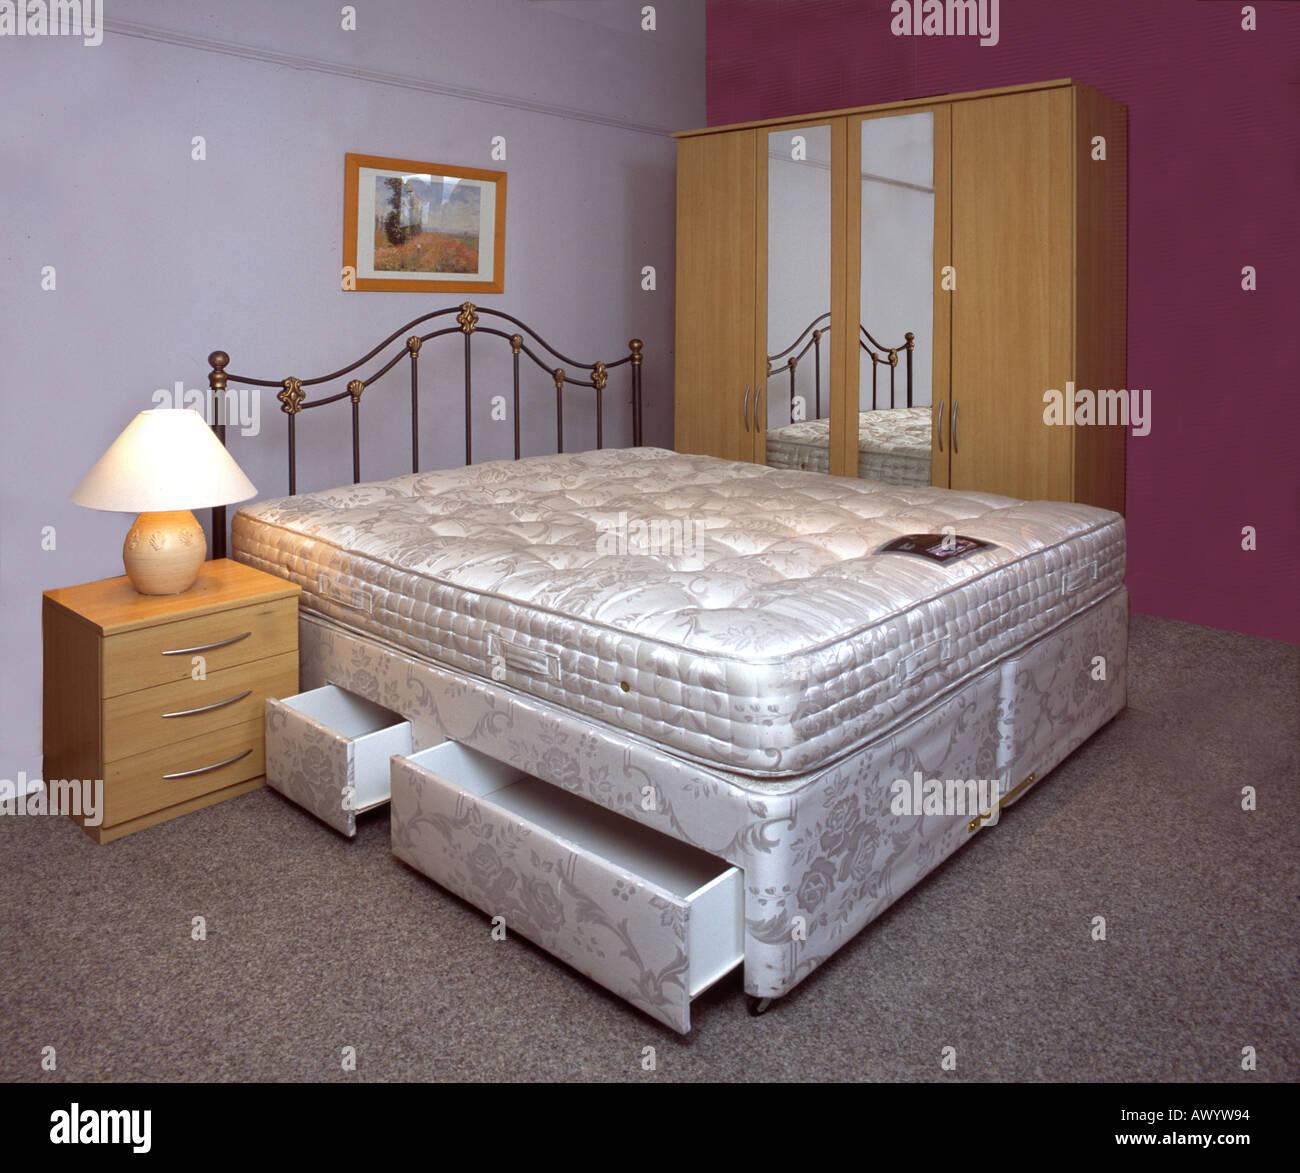 Letti Matrimoniali Con Cassetti Laterali camera da letto matrimoniale con cassetti, guardaroba e